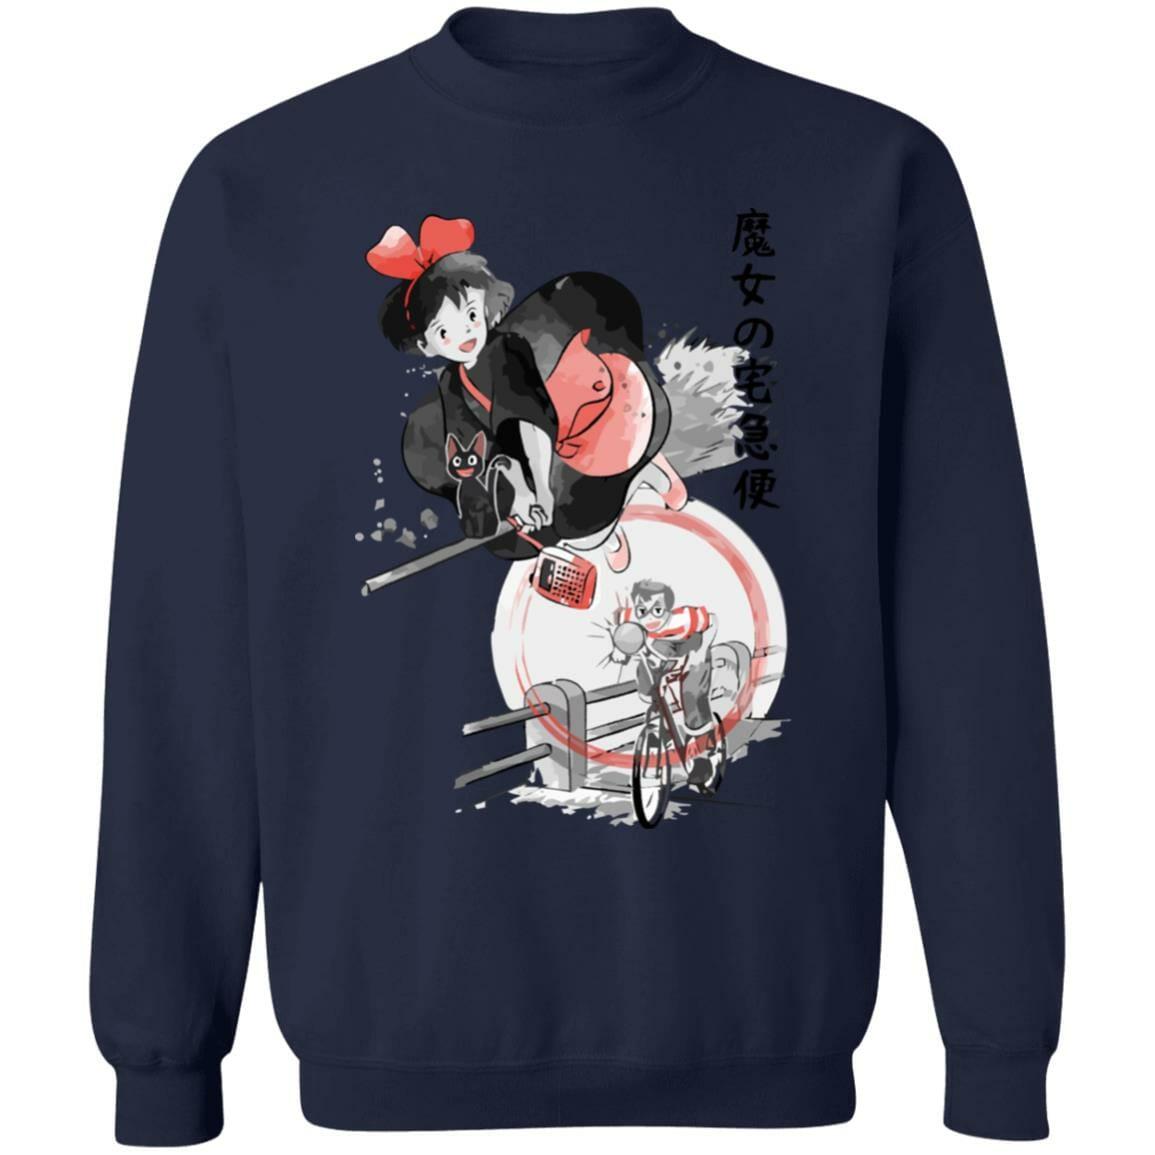 Kiki's Delivery Service – Kiki & Tombo Sweatshirt